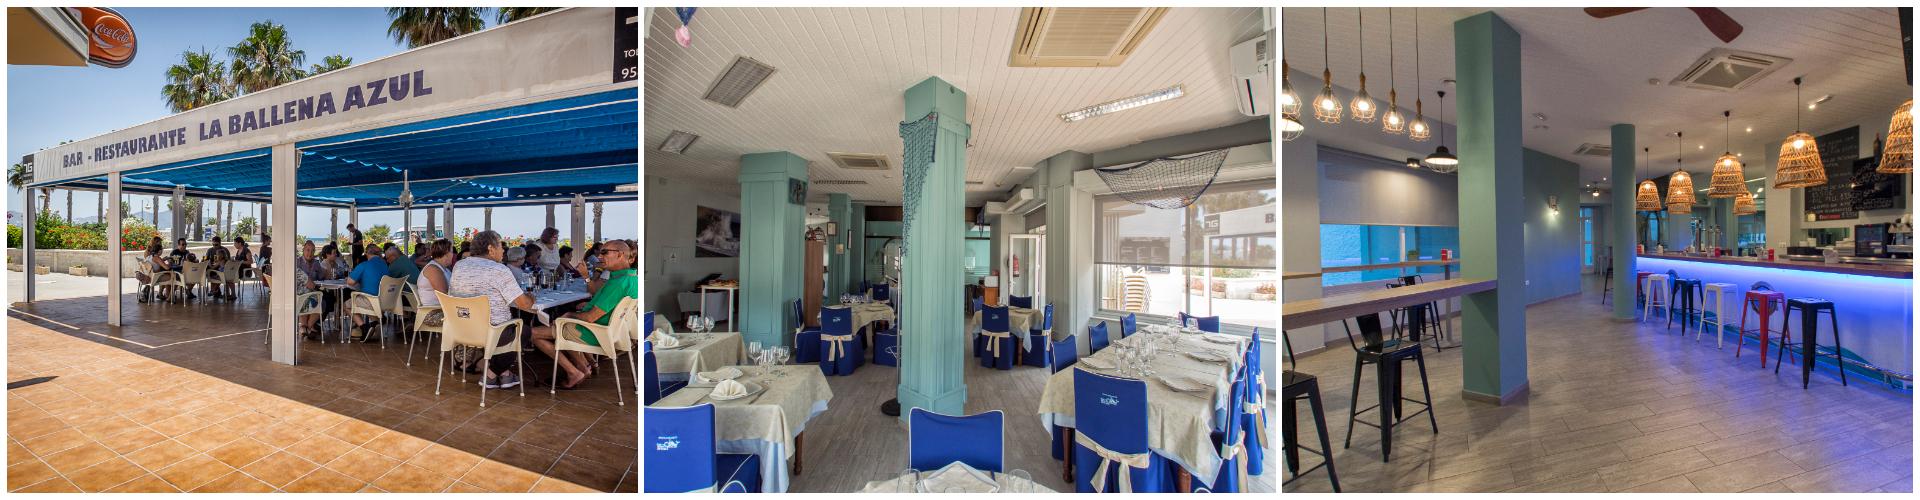 Restaurante La Ballena Azul en motril, donde comer en salobreña, donde comer en almuñecar